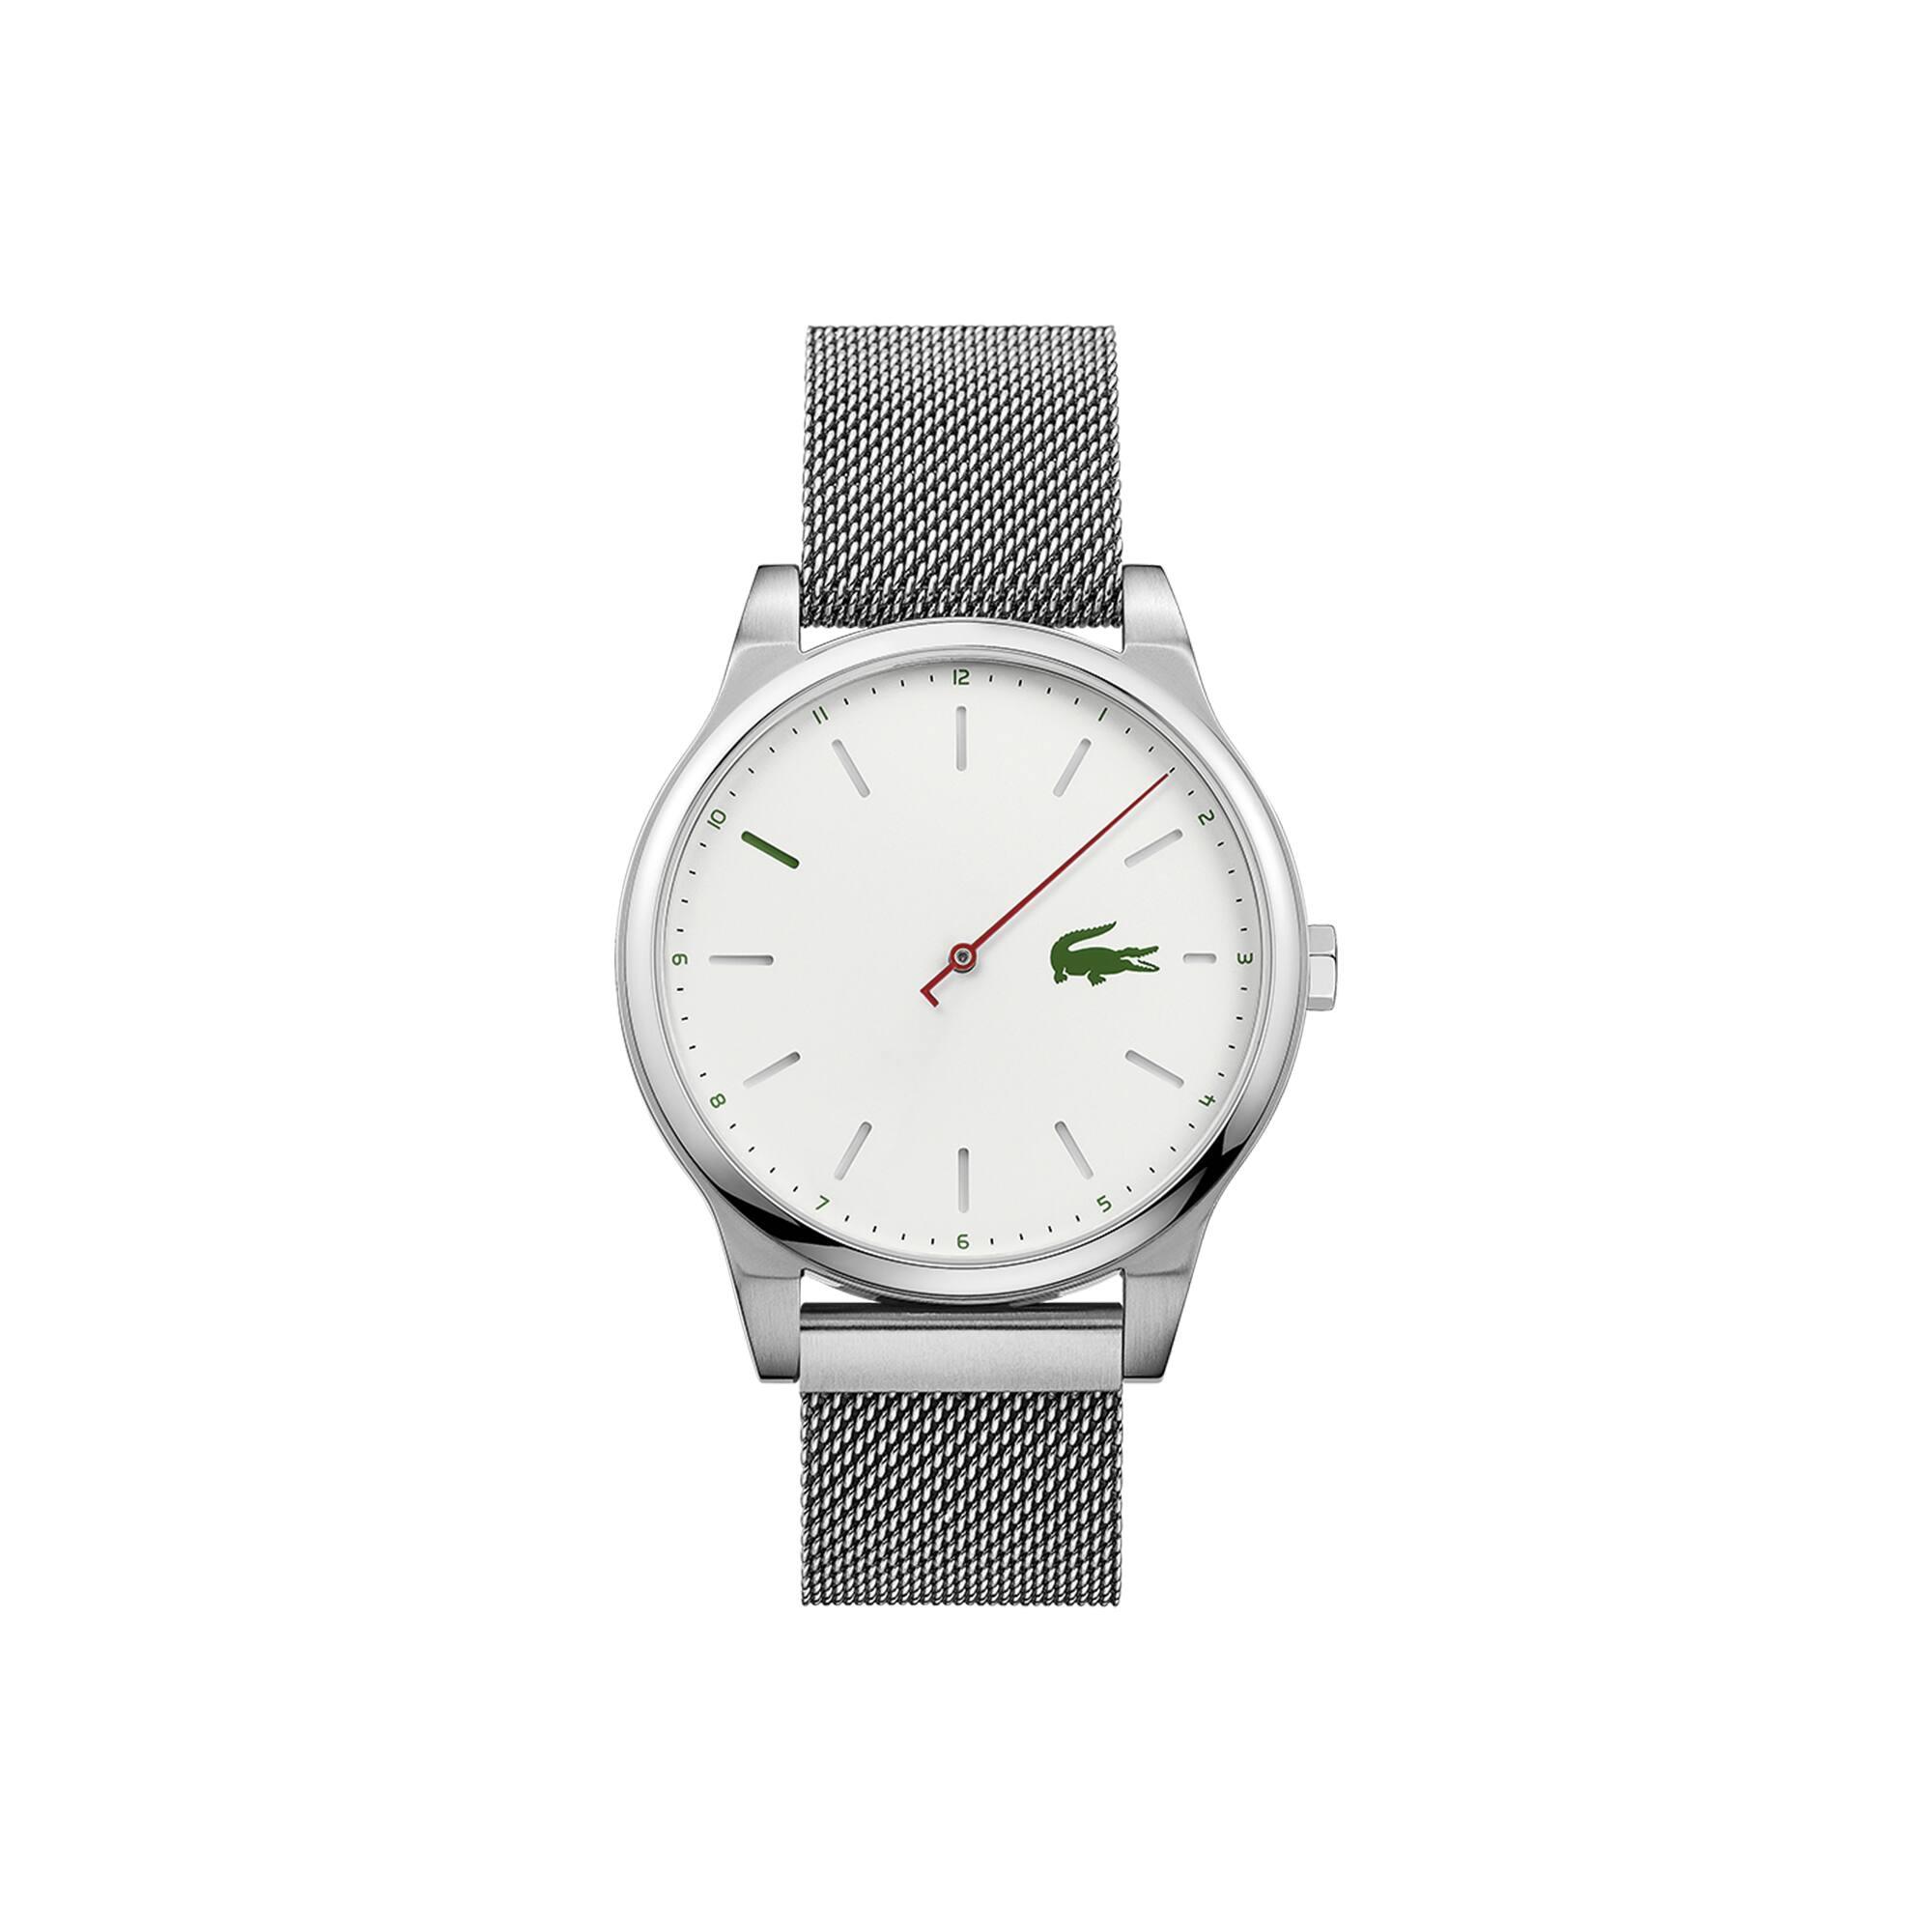 6168b185f0ef4 Relógio Kyoto de homem com bracelete de rede em aço inoxidável